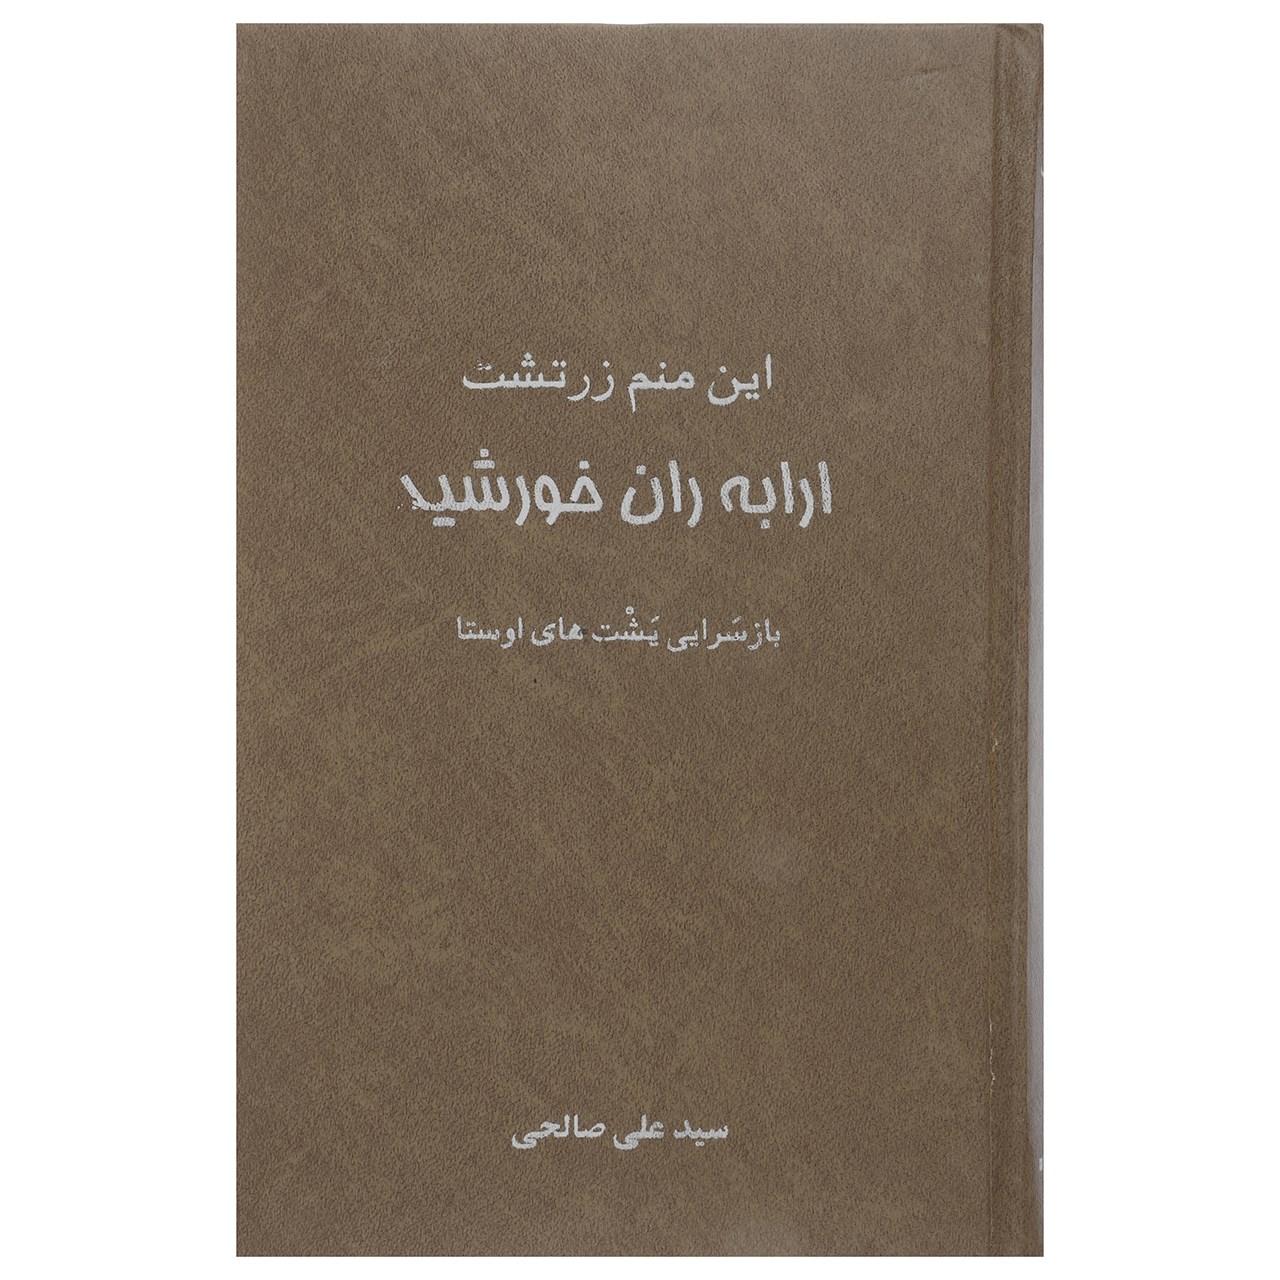 کتاب این منم زرتشت ارابه ران خورشید اثر علی صالحی